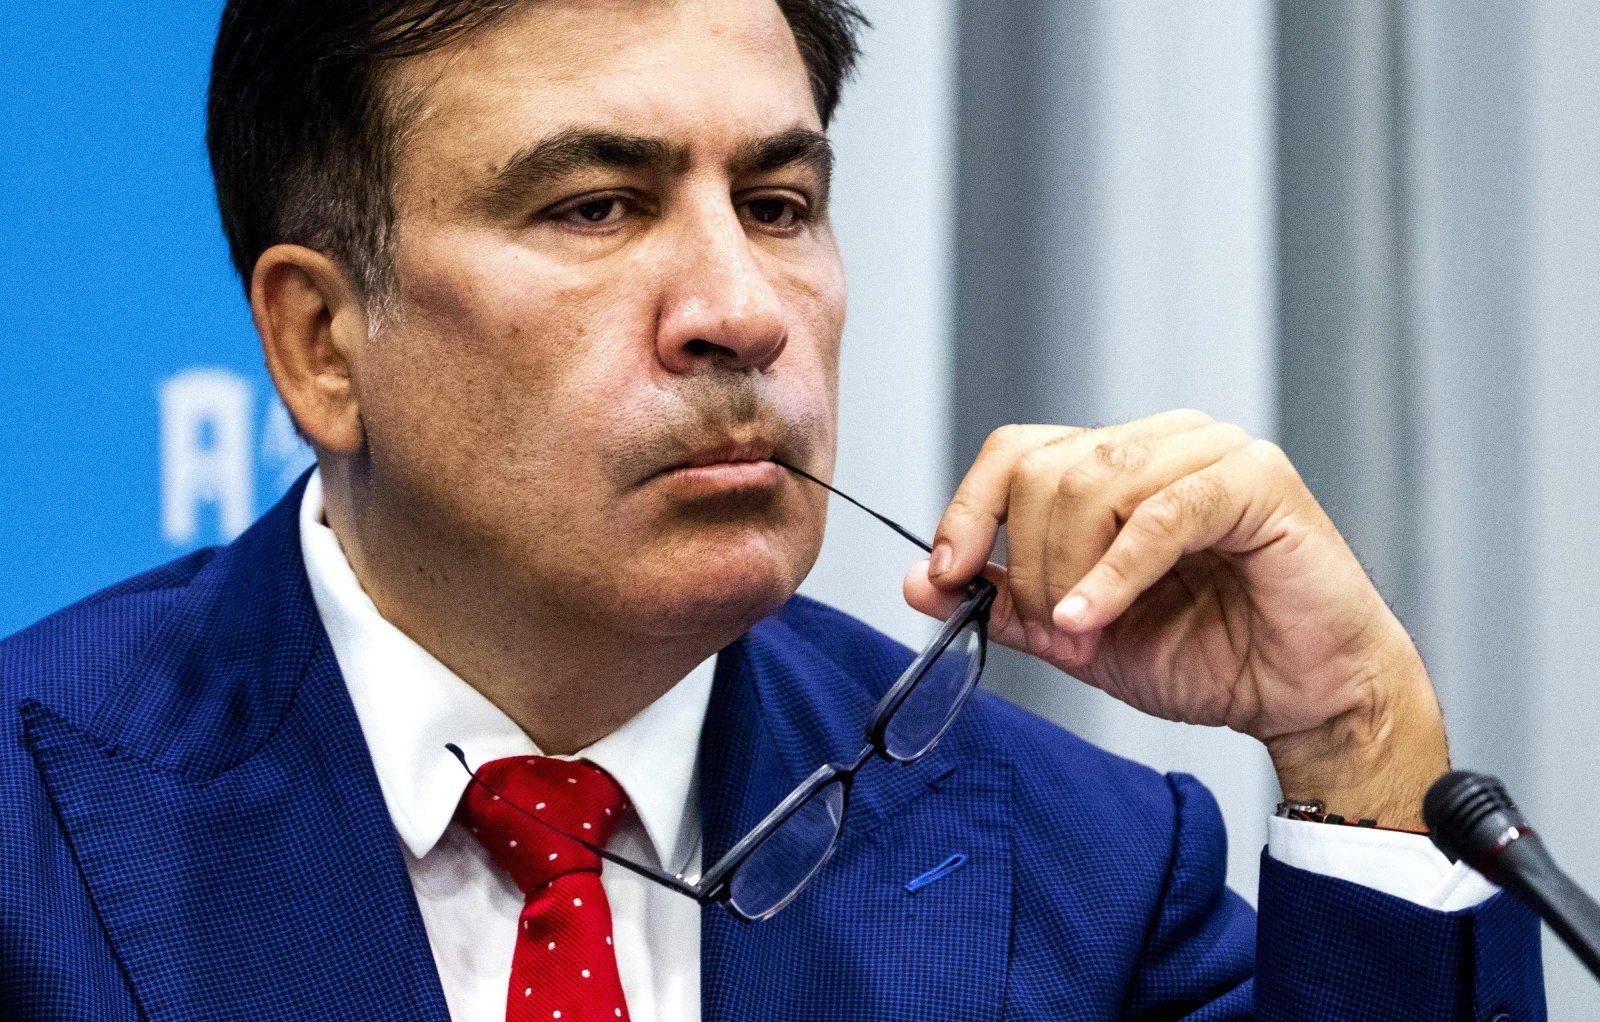 Центризбирком Украины отказался зарегистрировать кандидатов от партии Михаила Саакашвили на выборах в Верховную раду